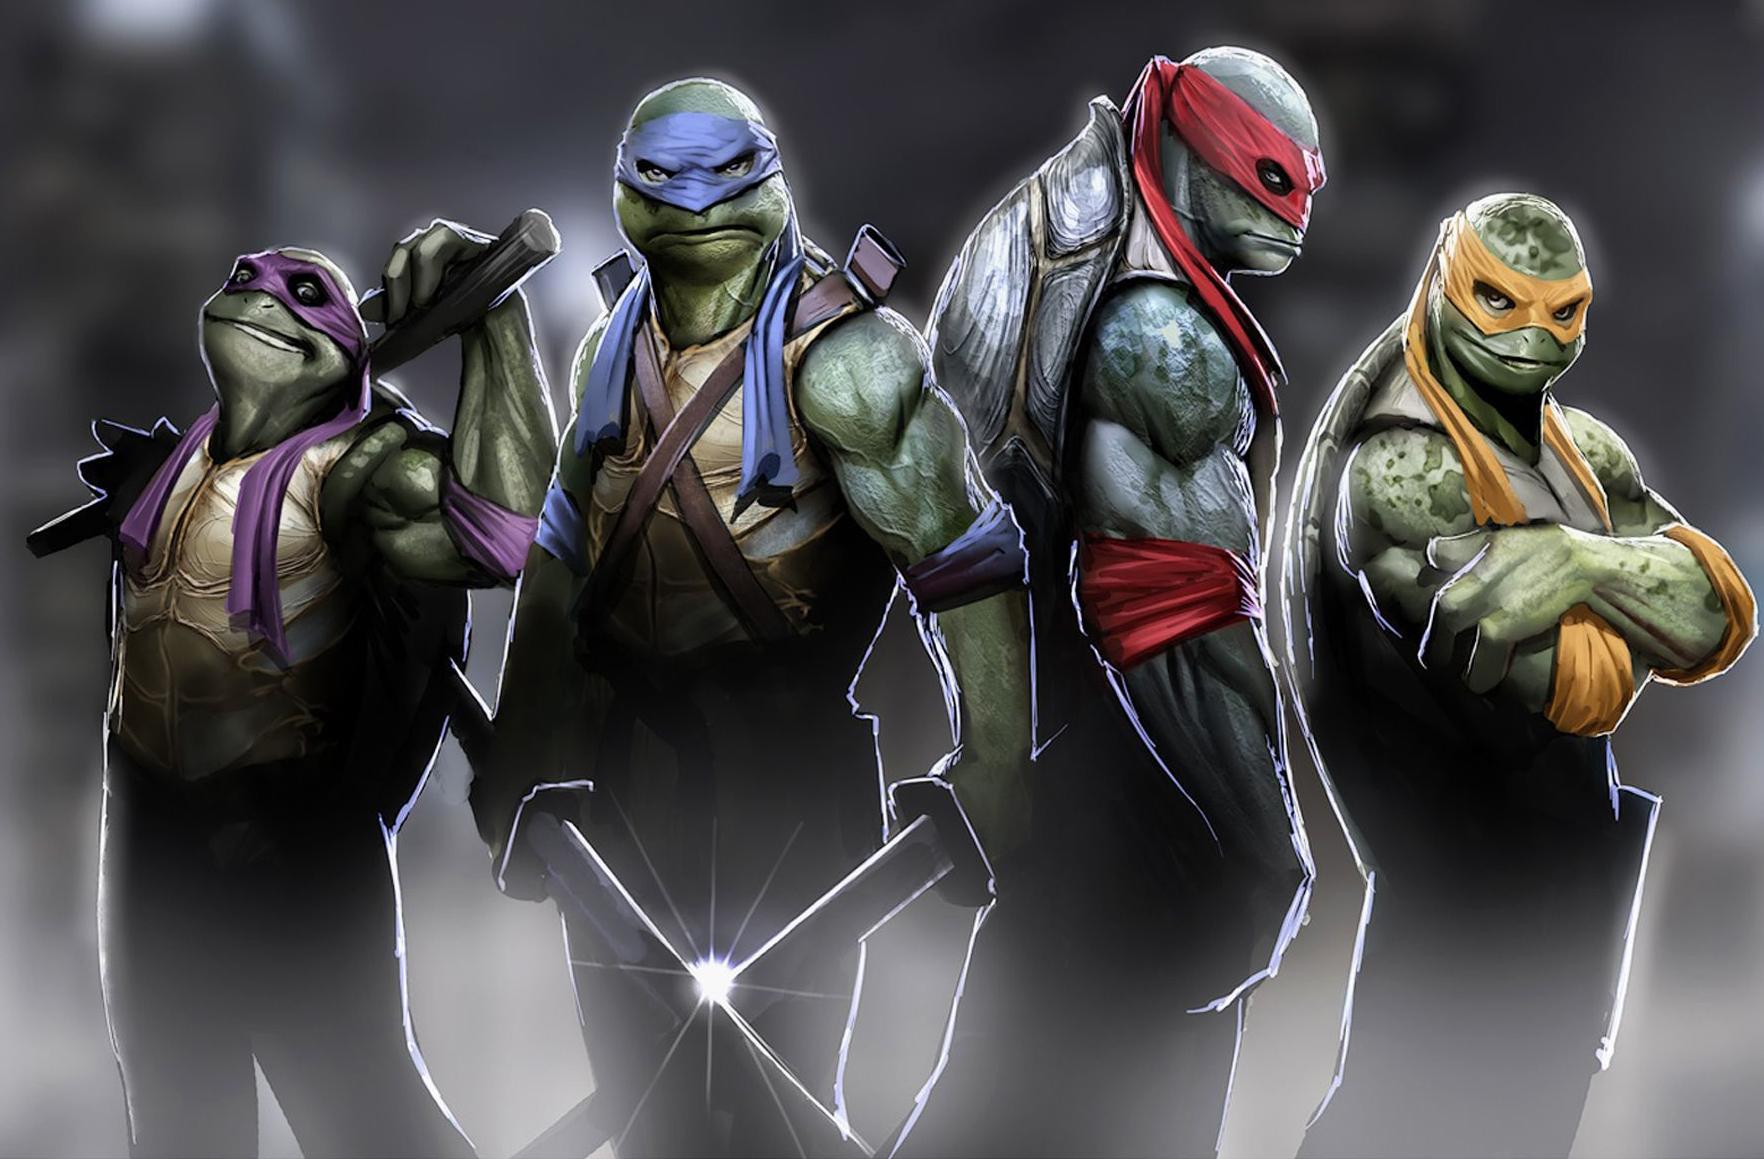 Teenage Mutant Ninja Turtles | Deadline